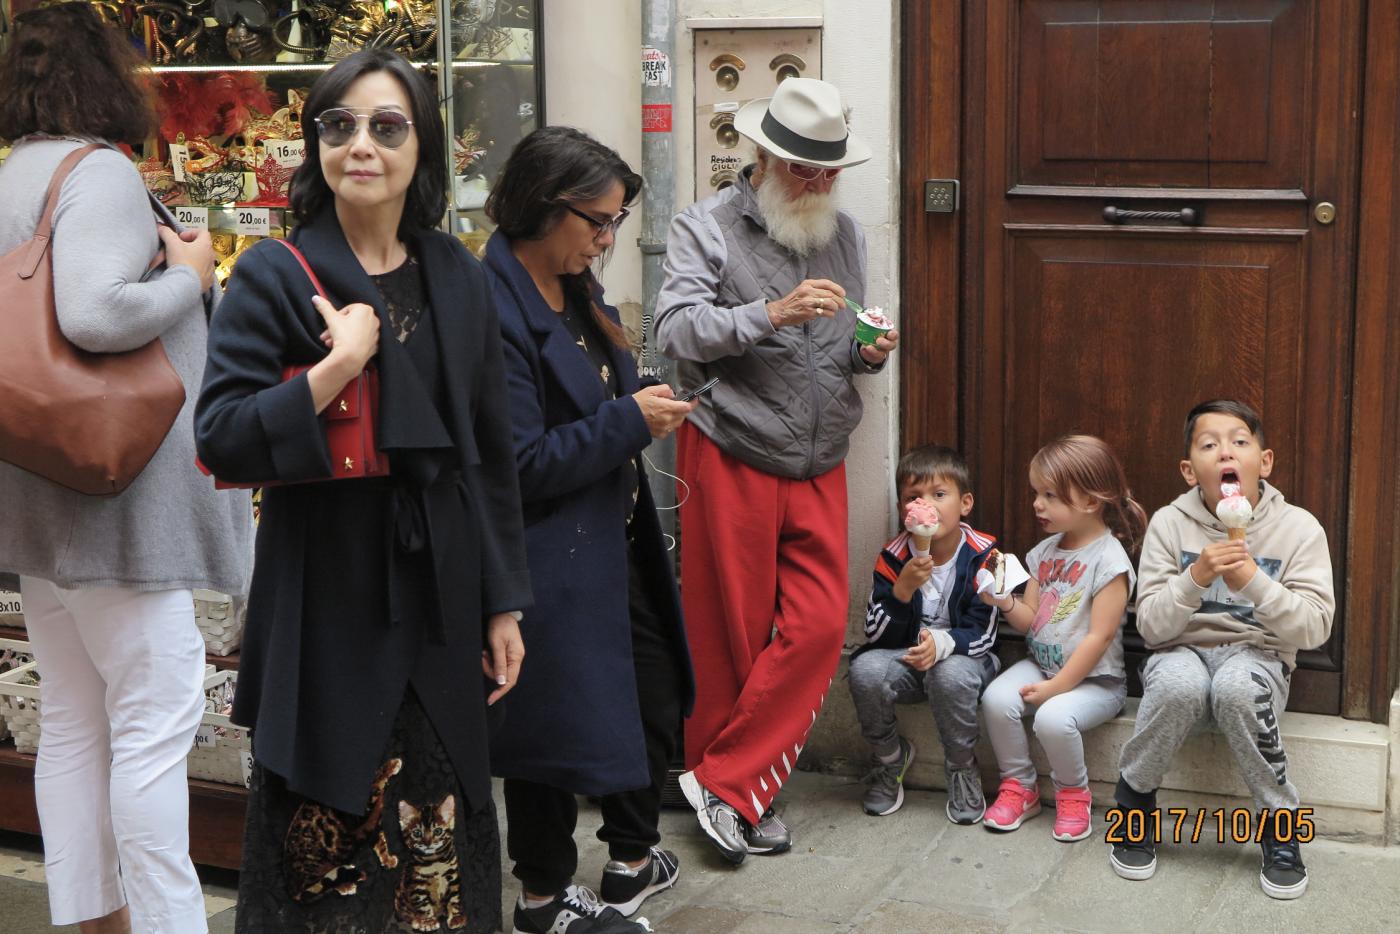 水乡威尼斯:无限的魅力永久的回忆_图1-52